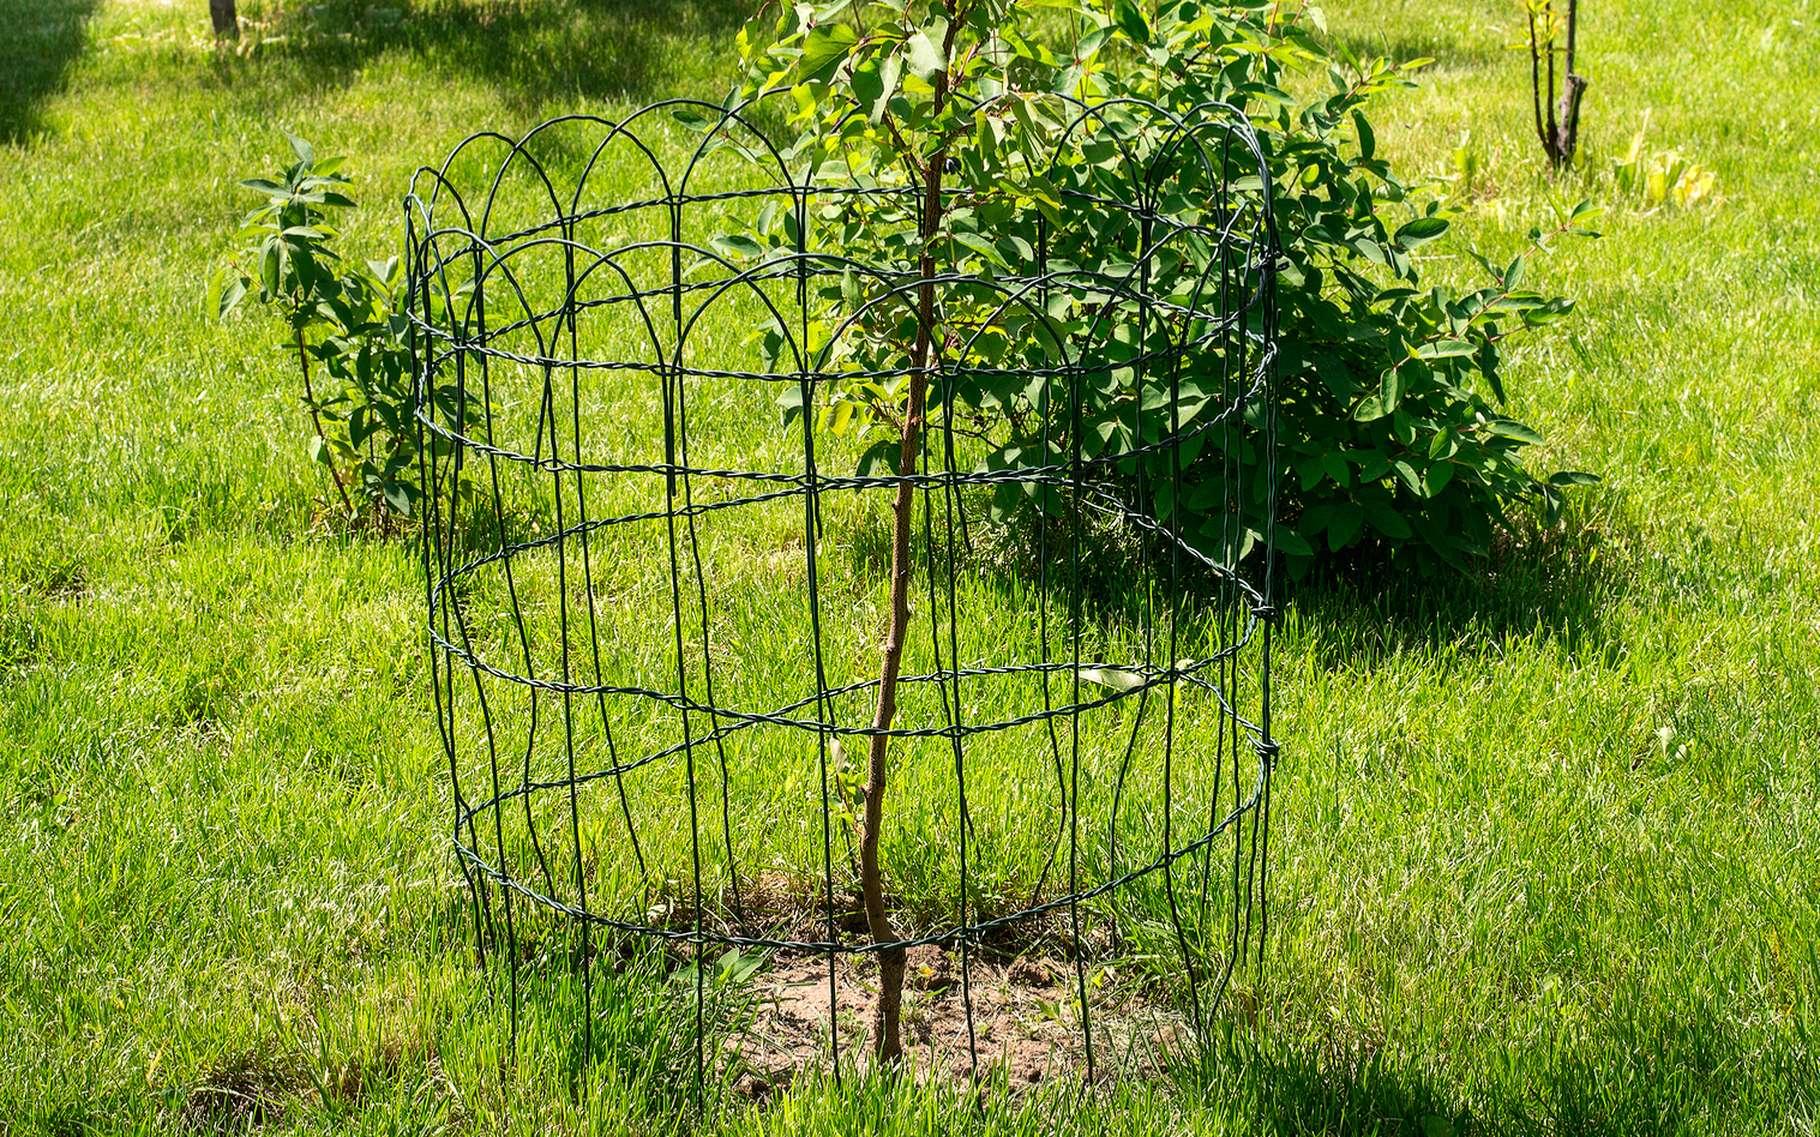 Après la plantation d'un arbre, il peut être nécessaire de le tuteurer et de le protéger d'éventuels animaux qui voudraient manger ses feuilles ou son écorce. © Krystyna Taran, Shutterstock